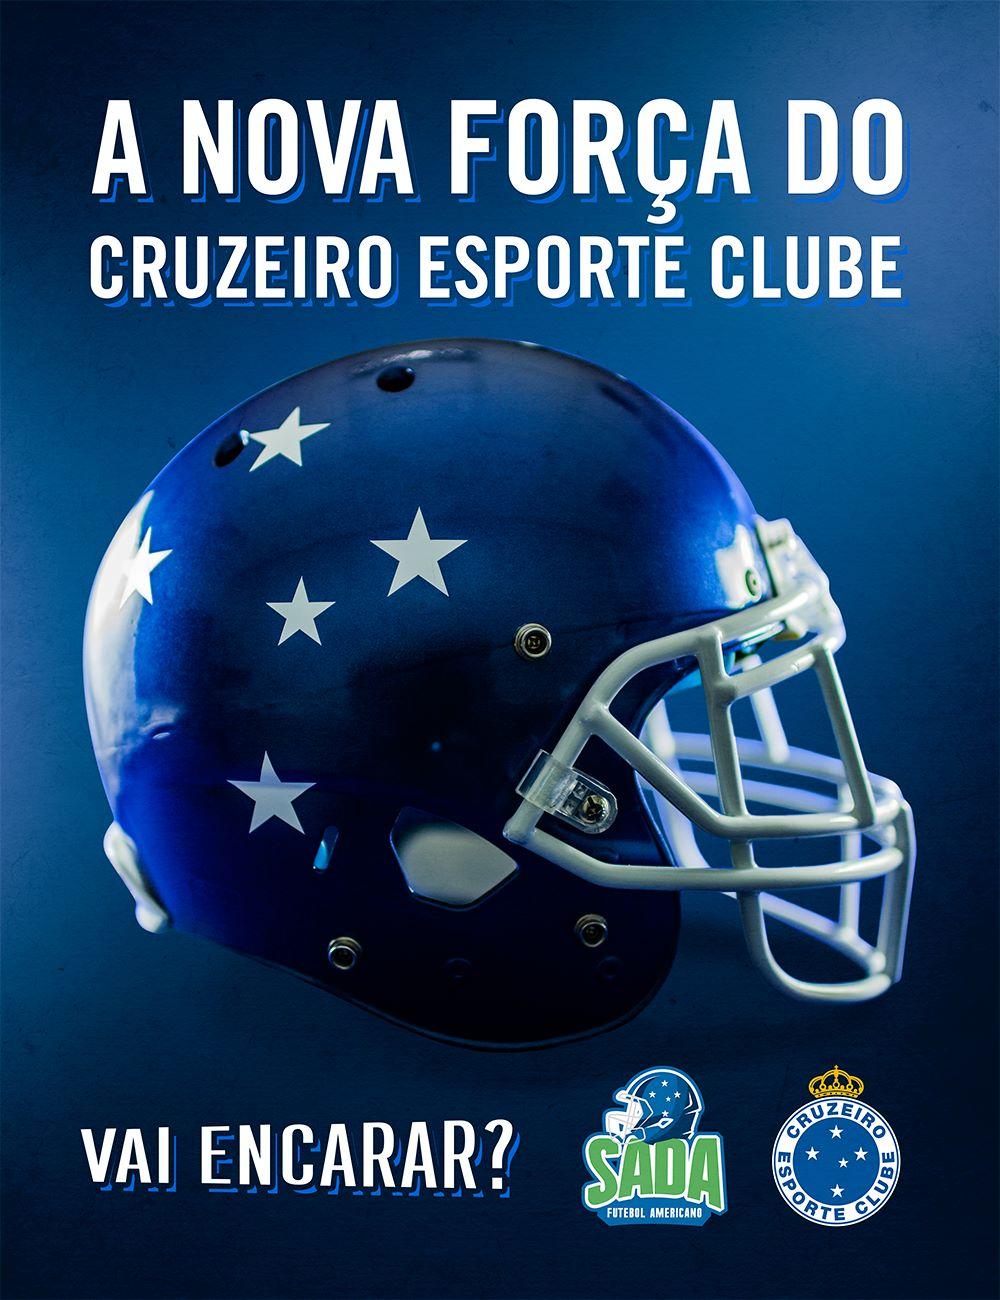 Cruzeiro firma parceria com BH Eagles e expande sua marca para o ... 90575a0d5ec9c